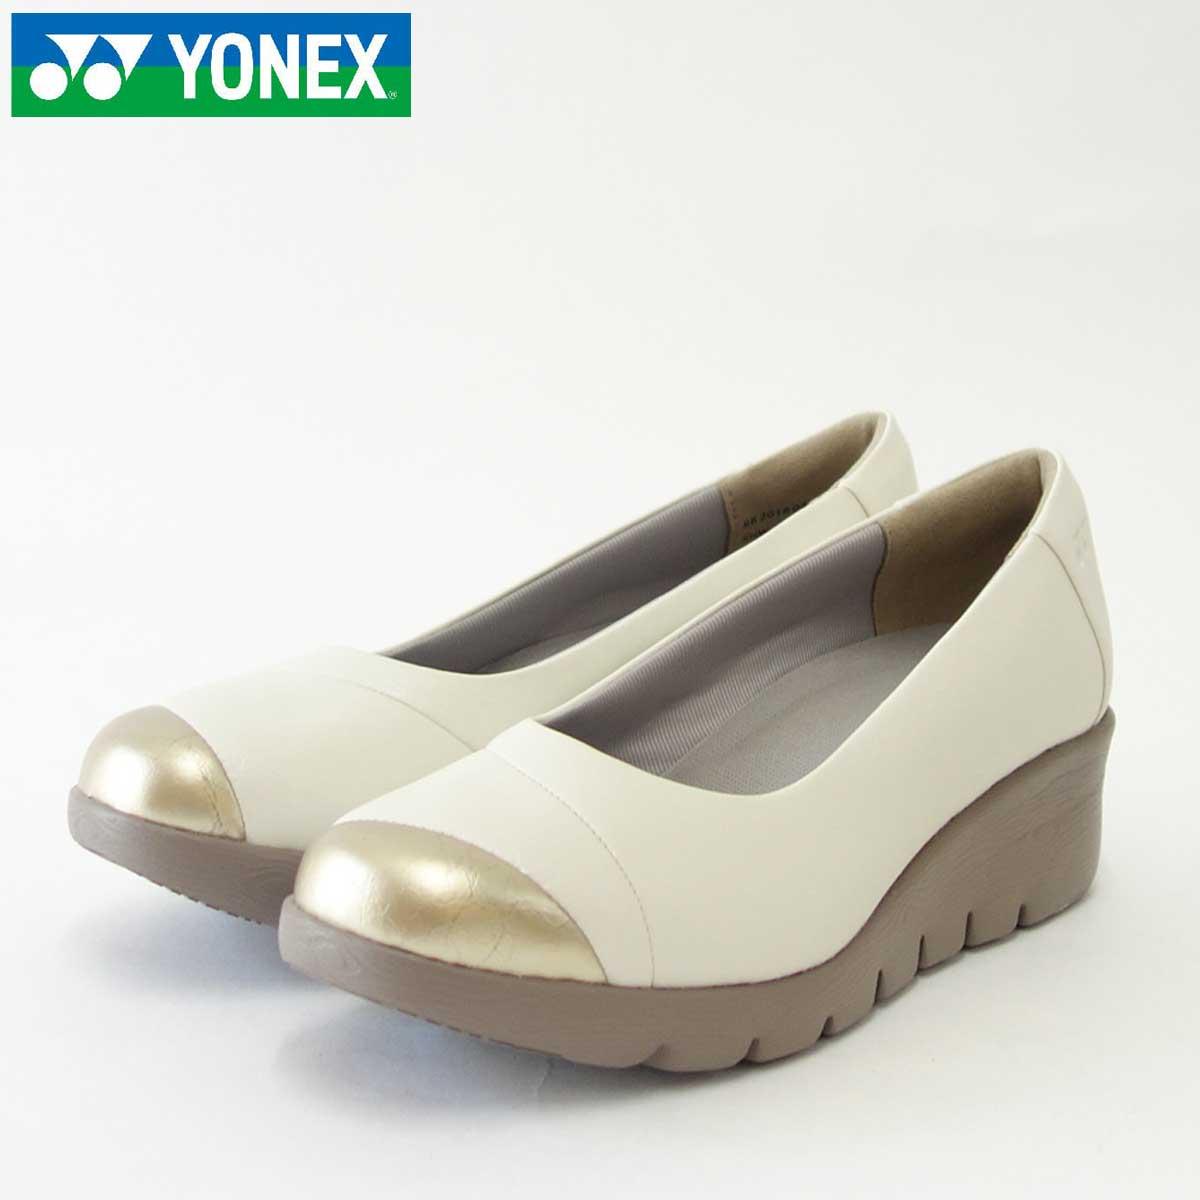 YONEX ヨネックス LC97 オフホワイト (レディース)軽い疲れにくいウォーキングシューズ「靴」